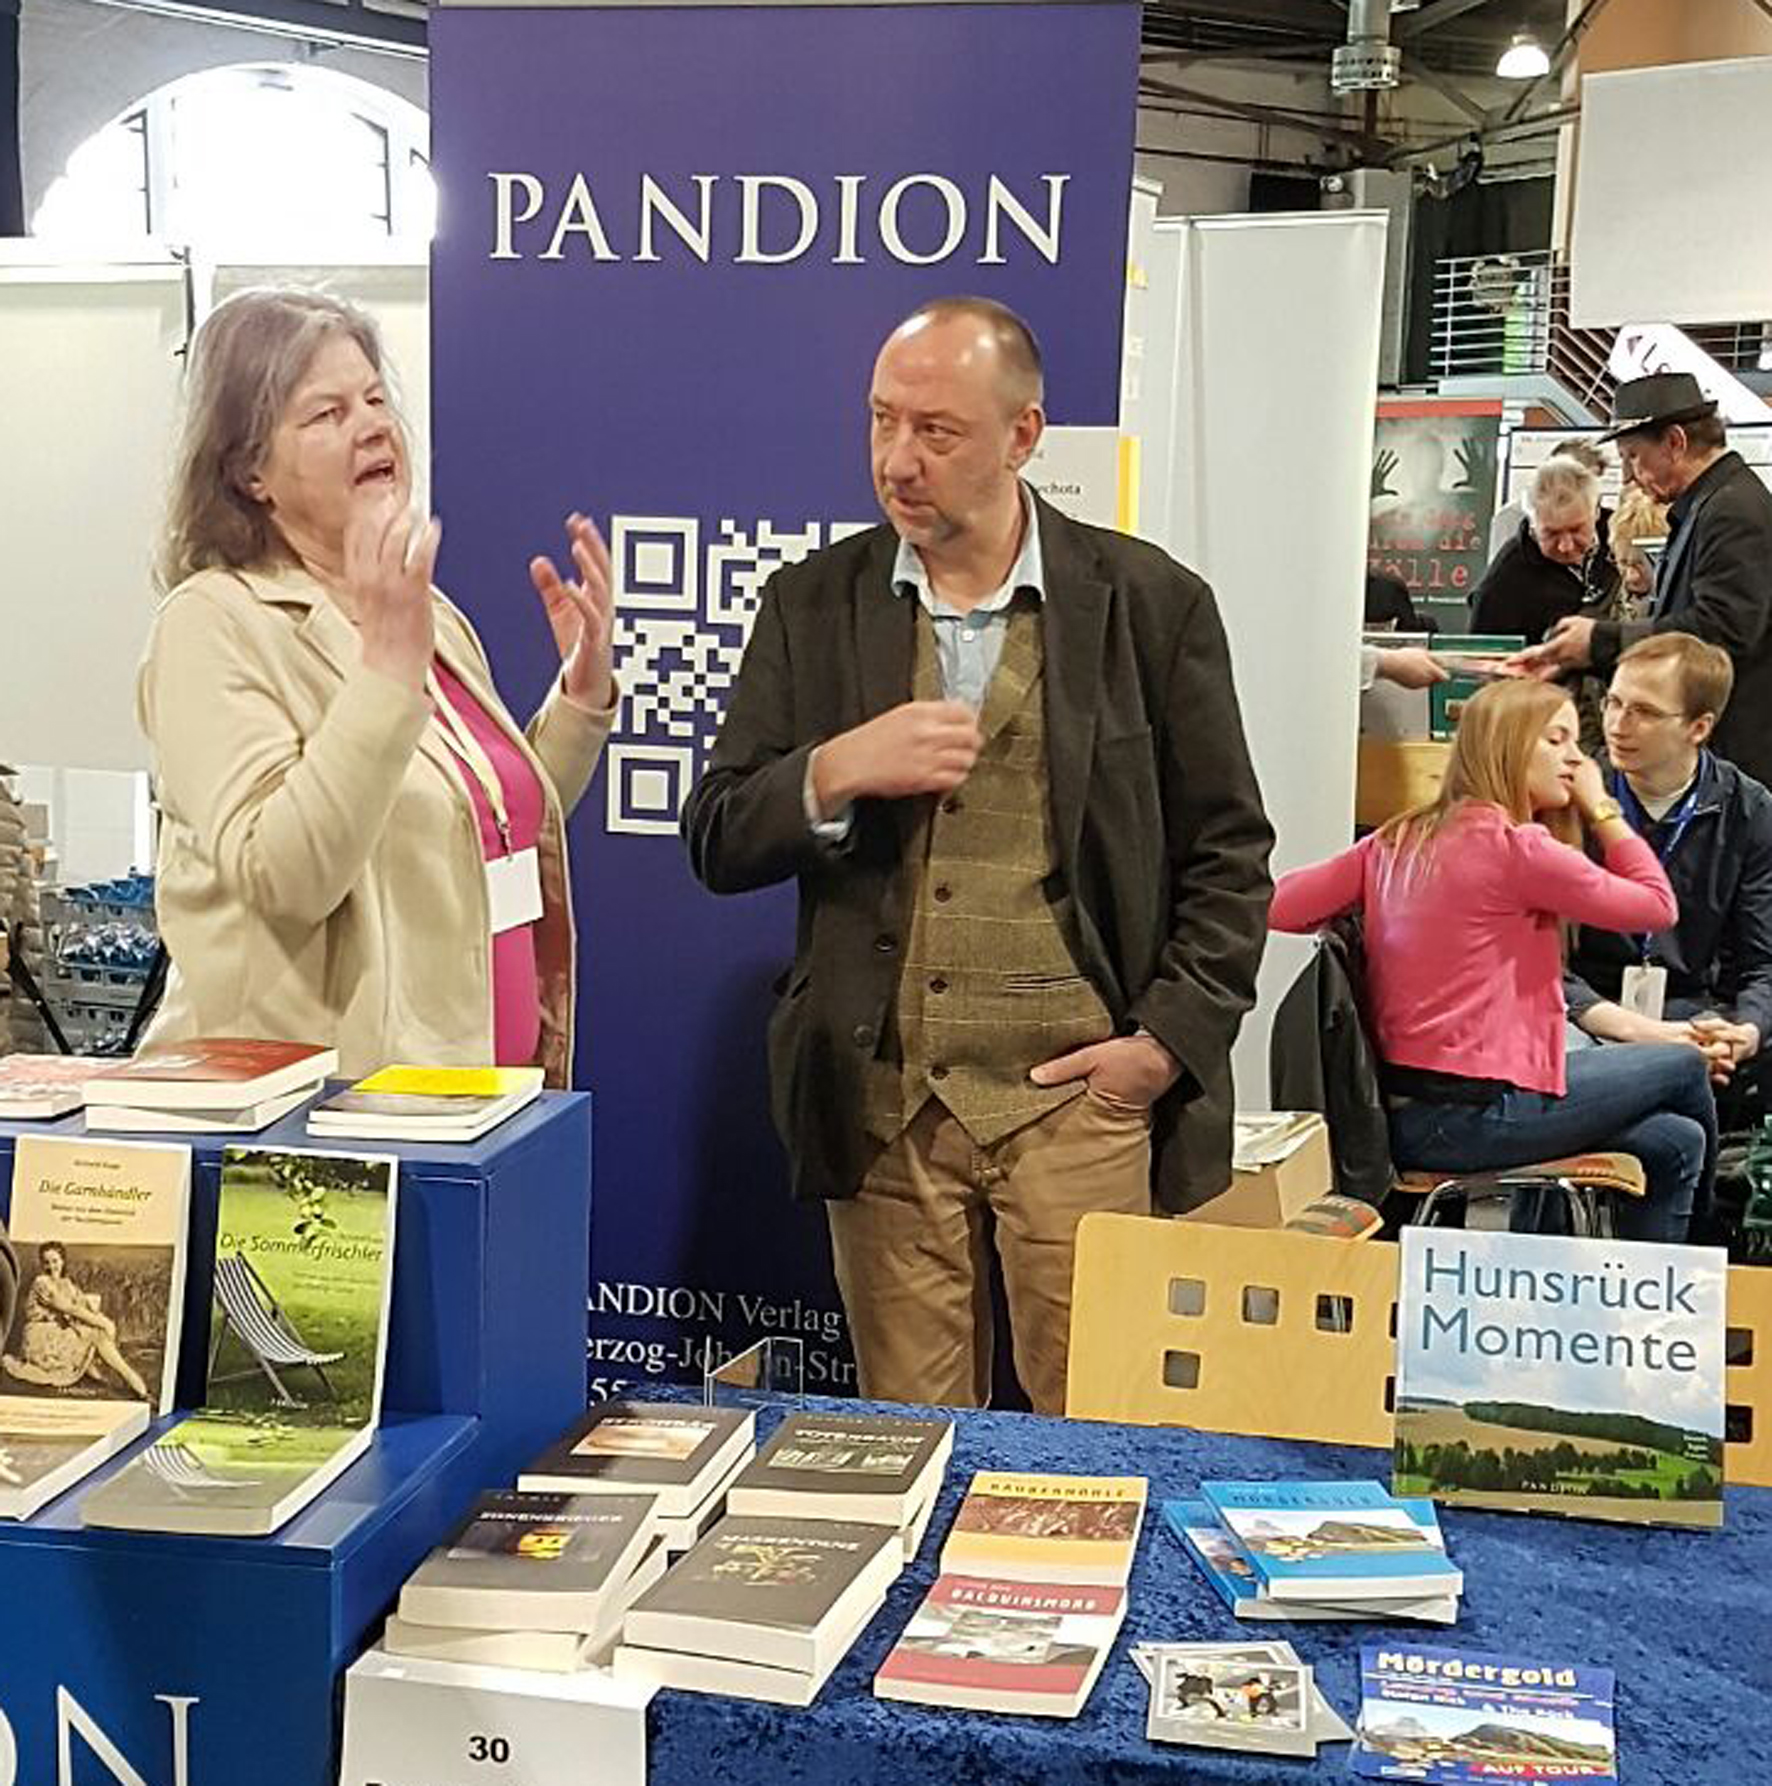 Stefan Nick im Gespräch mit  Frau Schmoll, der Verlegerin vom Pandion Verlag